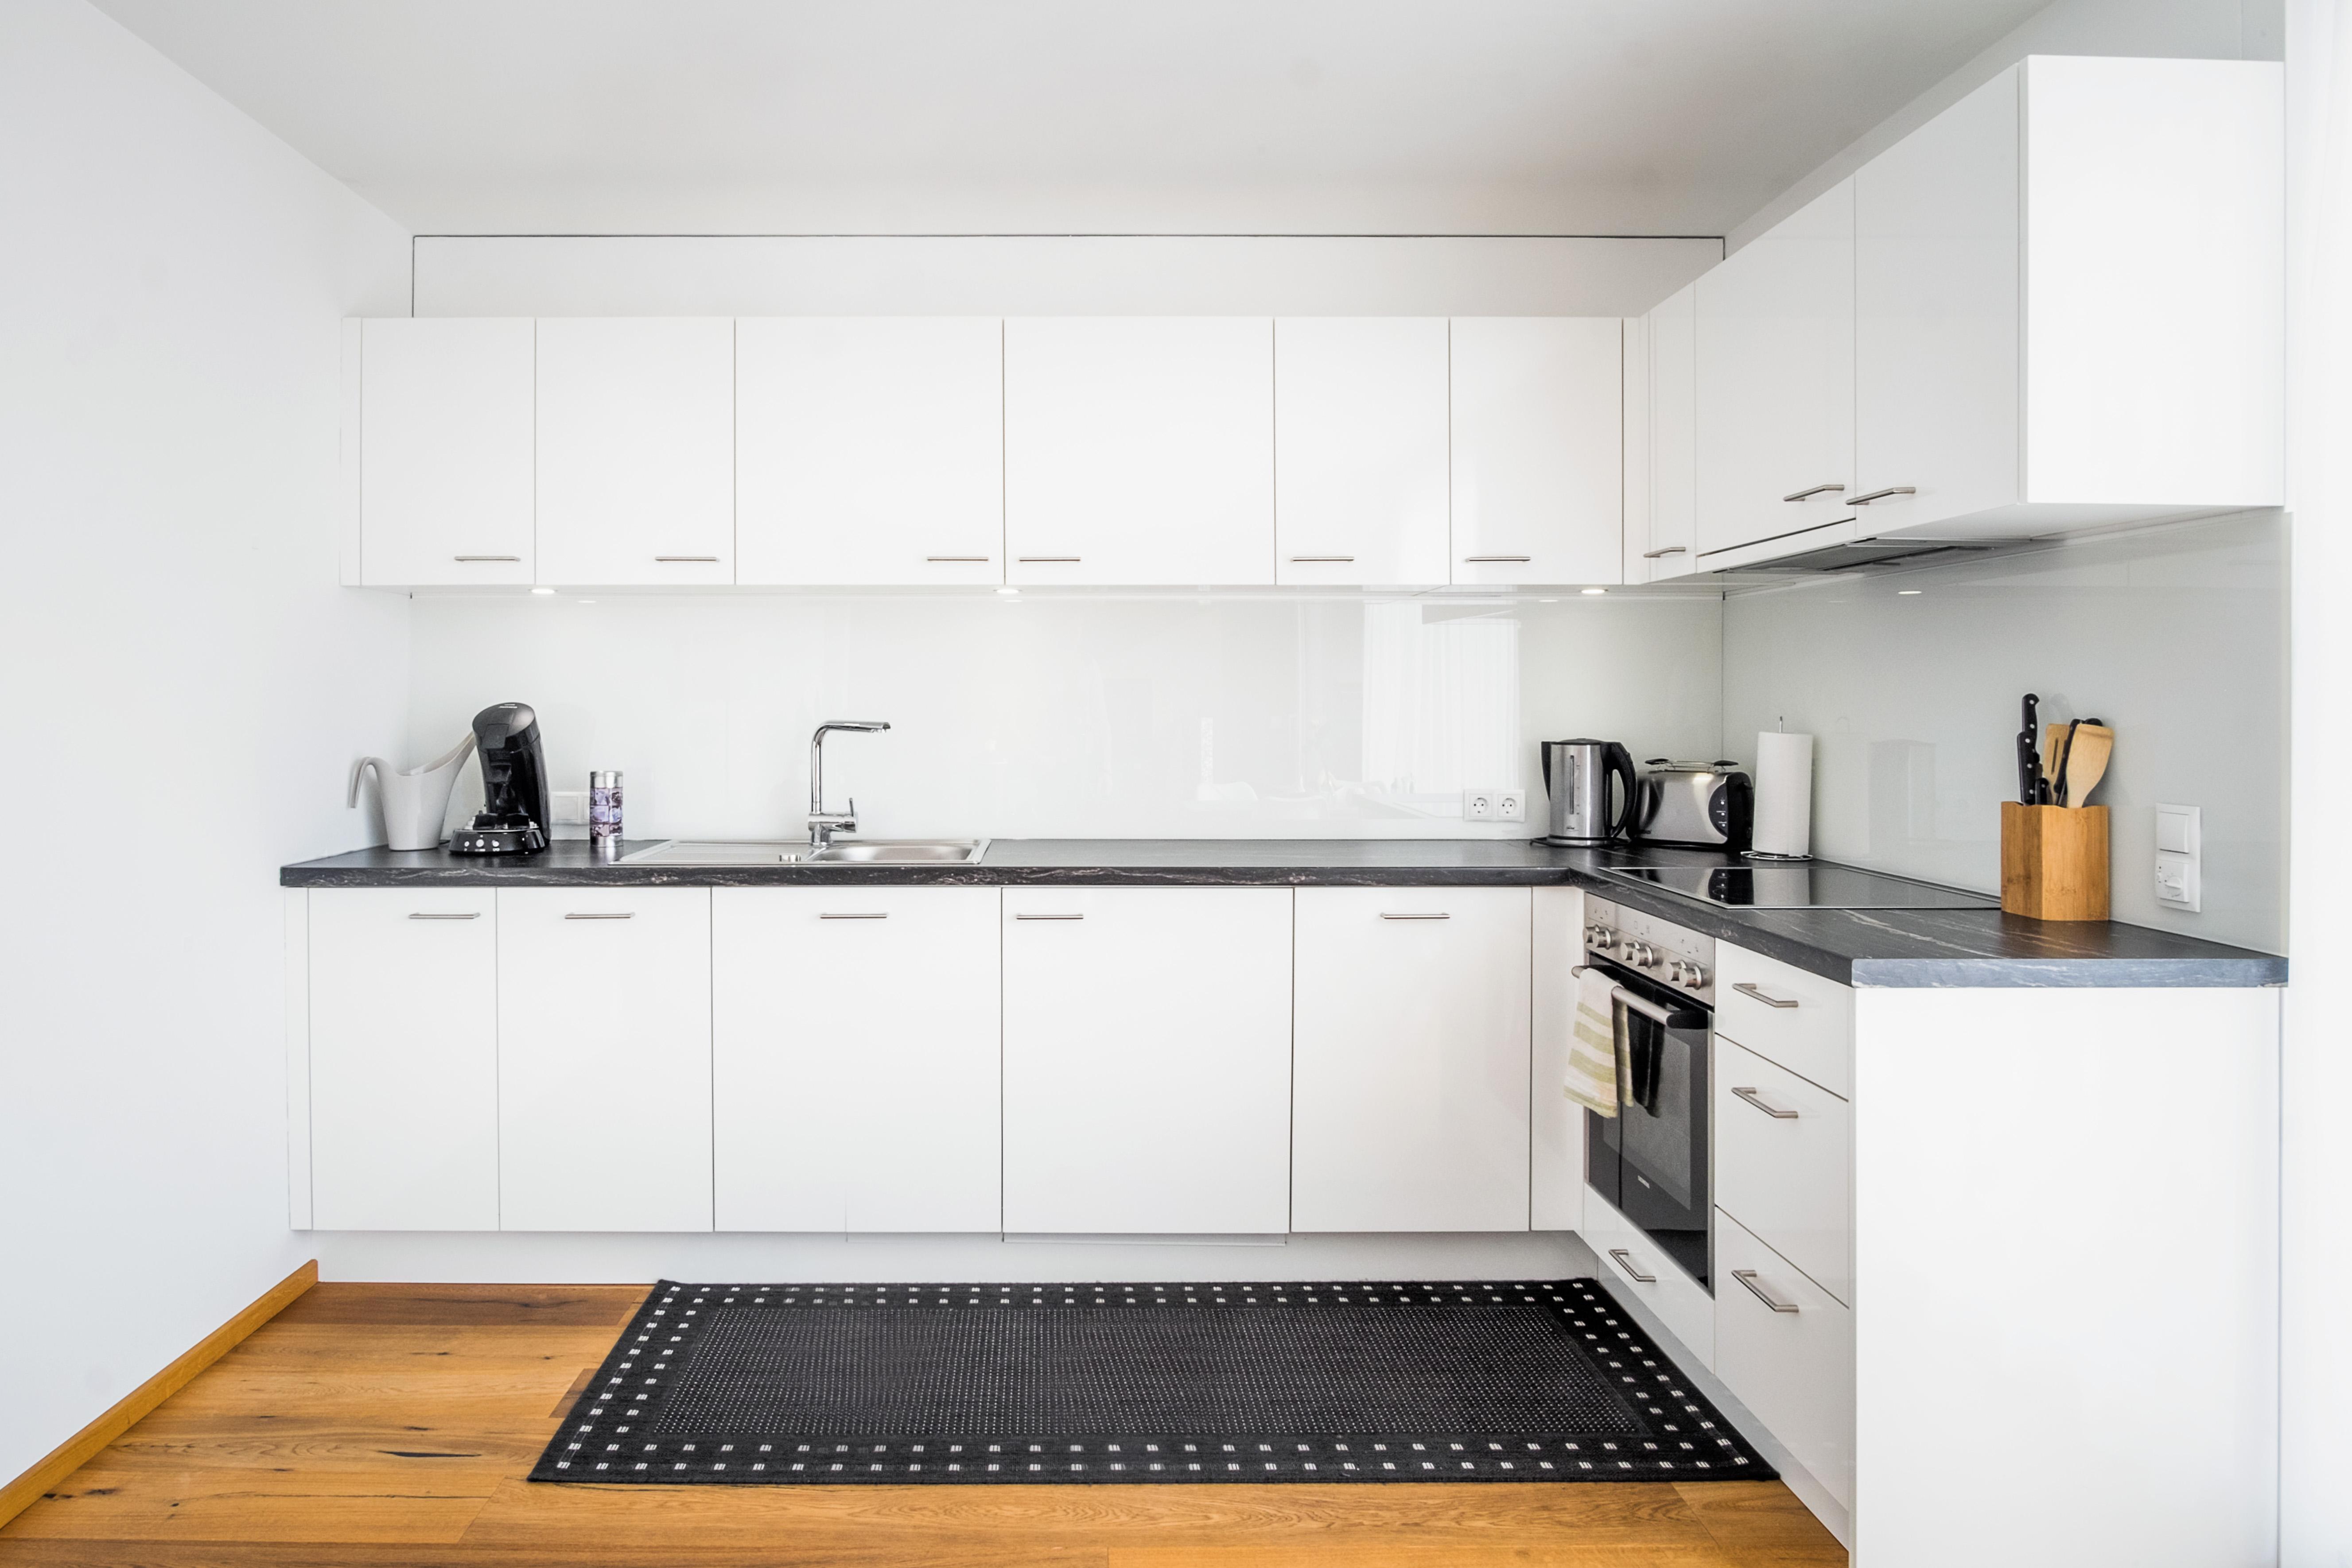 Appartement de vacances Sandra, (Hörbranz). Ferienwohnung Seeblick, 58qm, 1 Schlafzimmer, max. 4 Personen (2127338), Hörbranz, Bregenz, Vorarlberg, Autriche, image 12